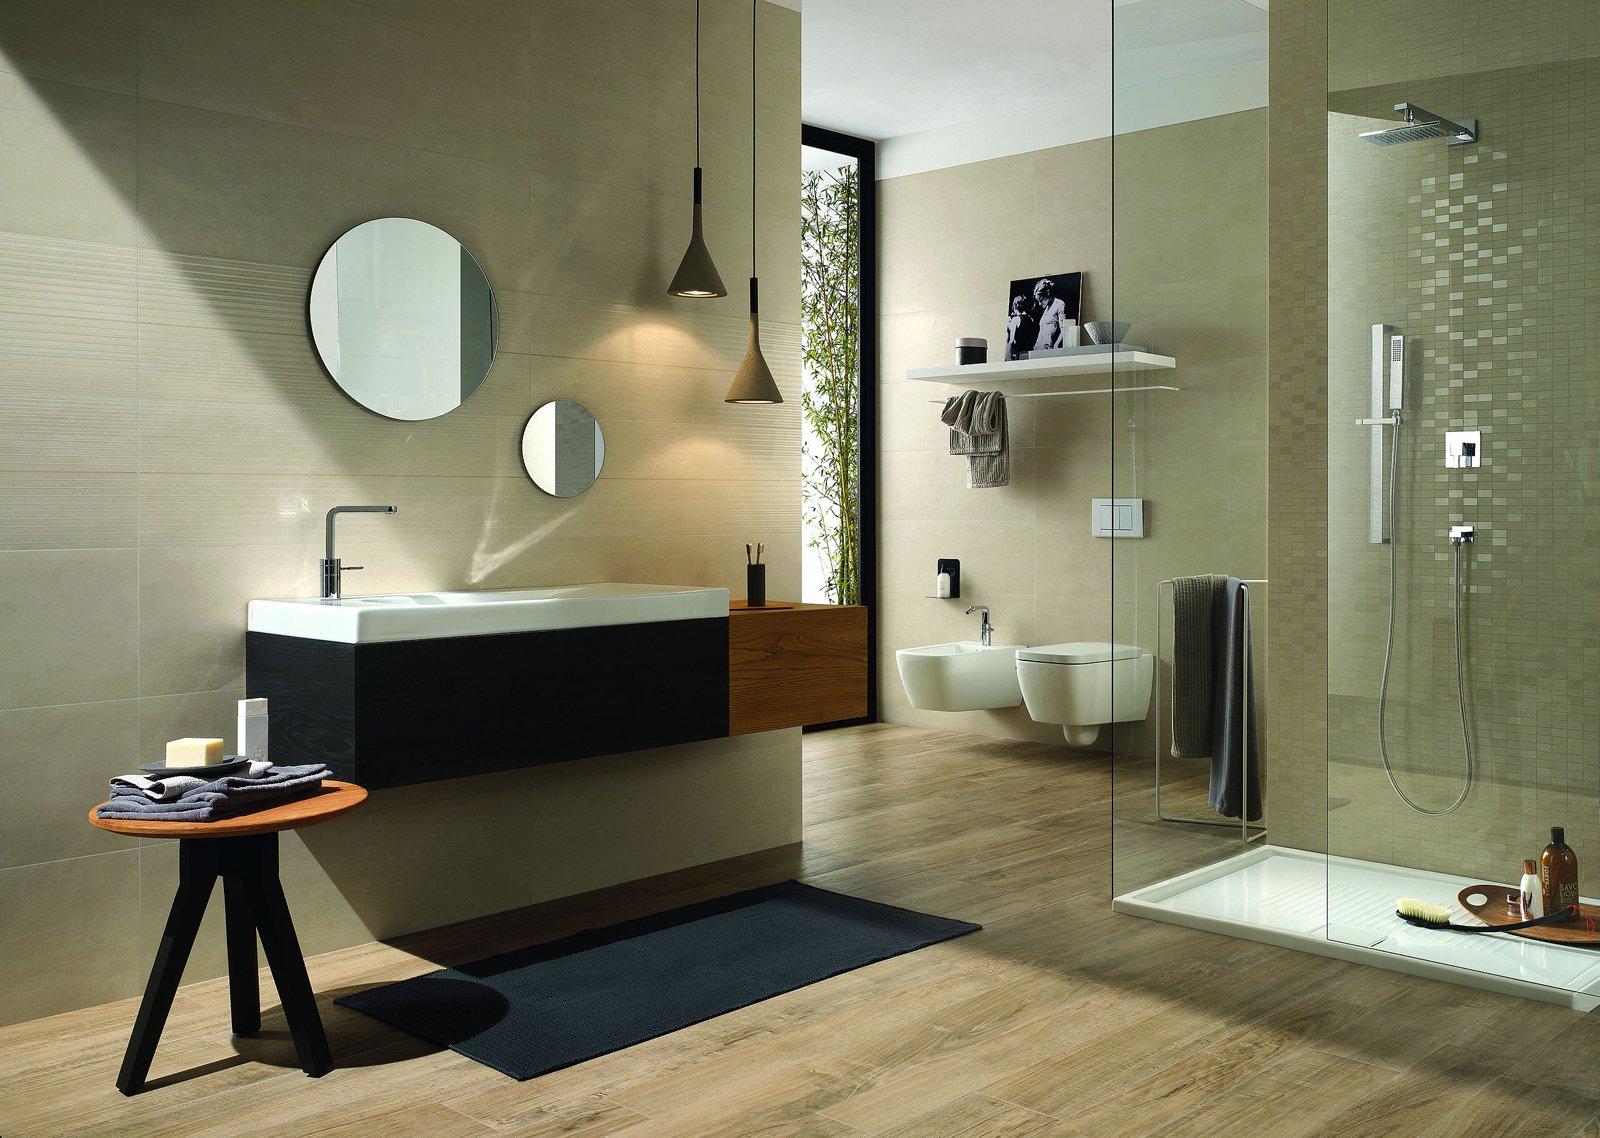 Piastrelle per il bagno tre stili diversi cose di casa - Bagno moderno piastrelle ...